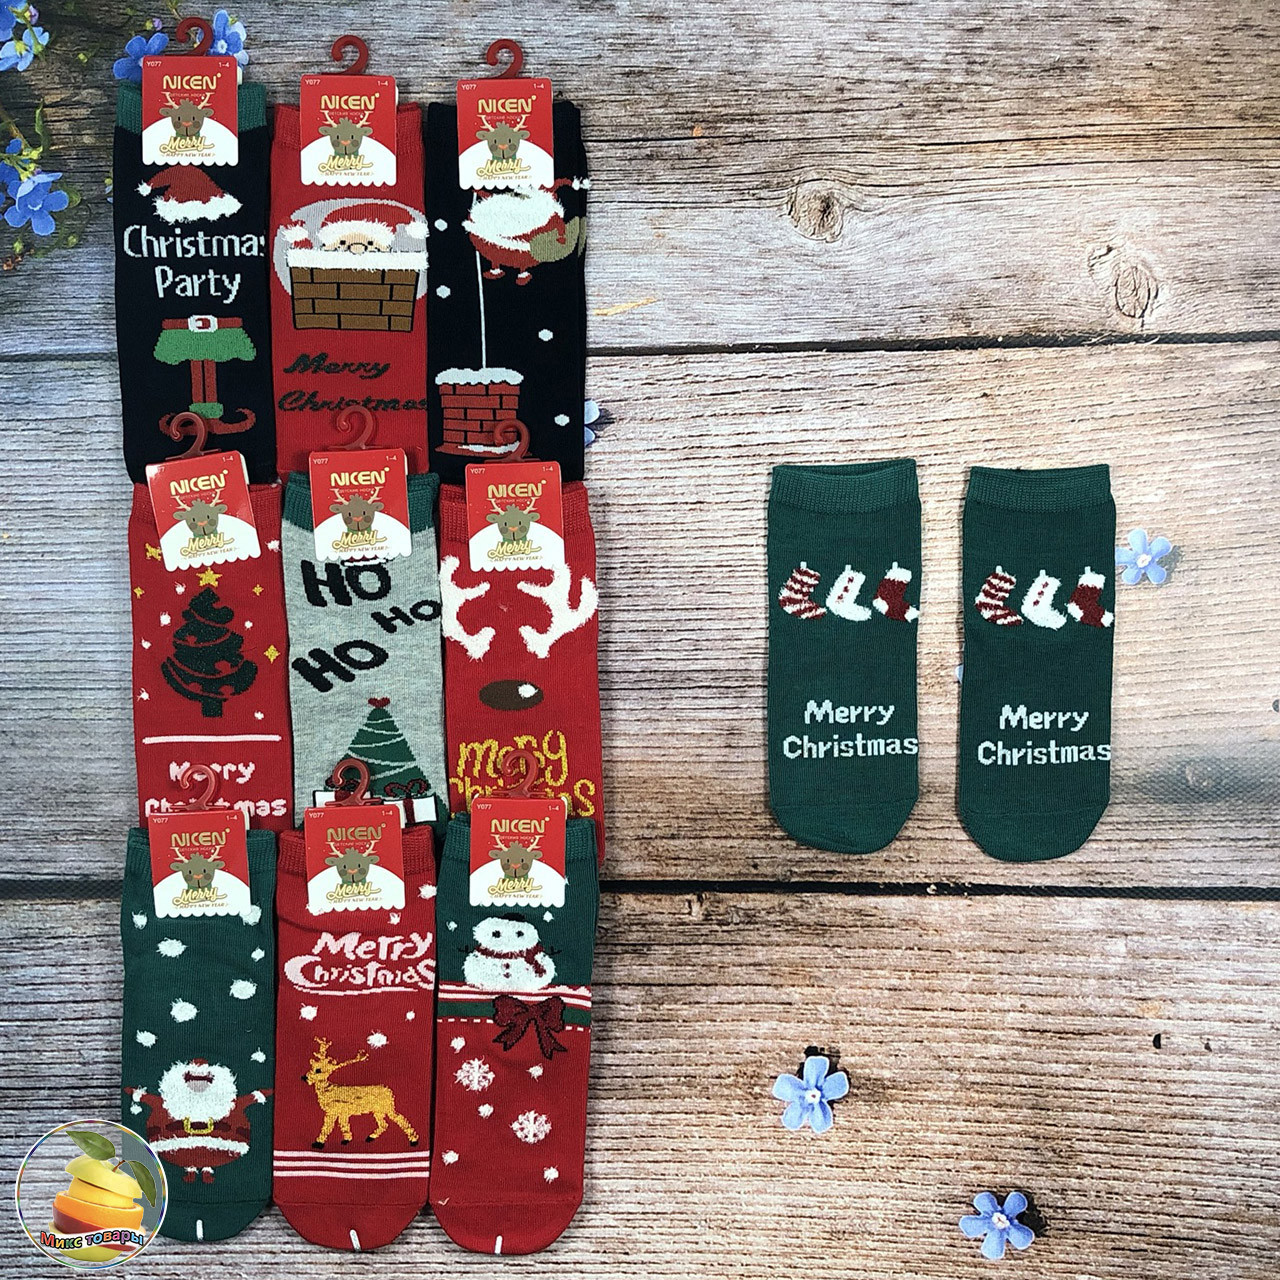 Шкарпетки новорічної тематики для дітей Розмір: 5 - 8 років (20884-2)